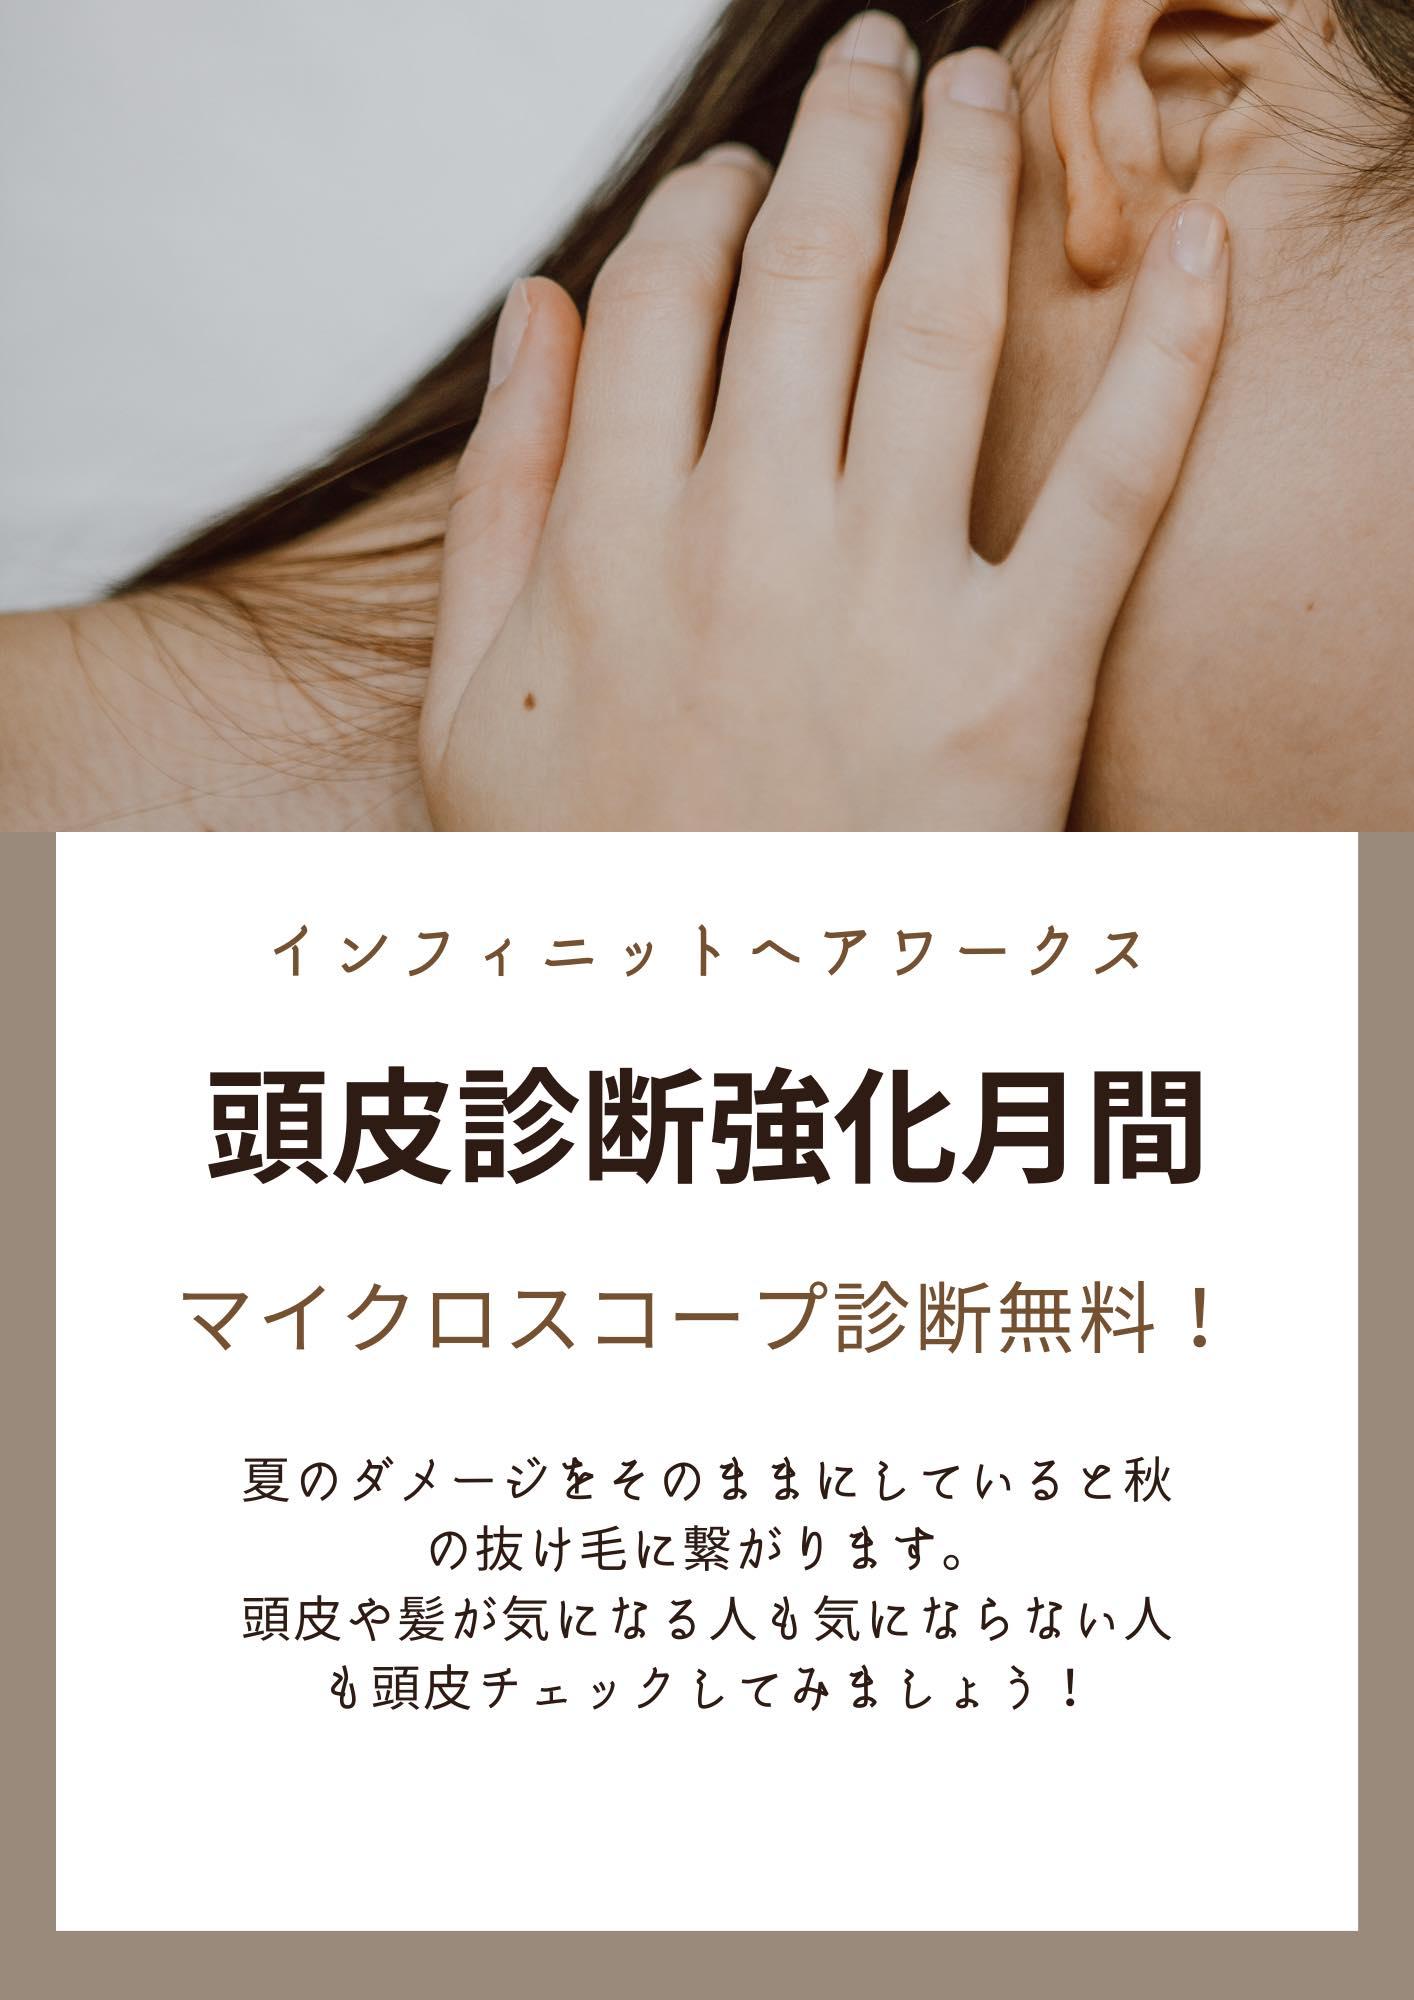 【無料】頭皮診断強化「抜け毛やパサツキが増えてきた・・」